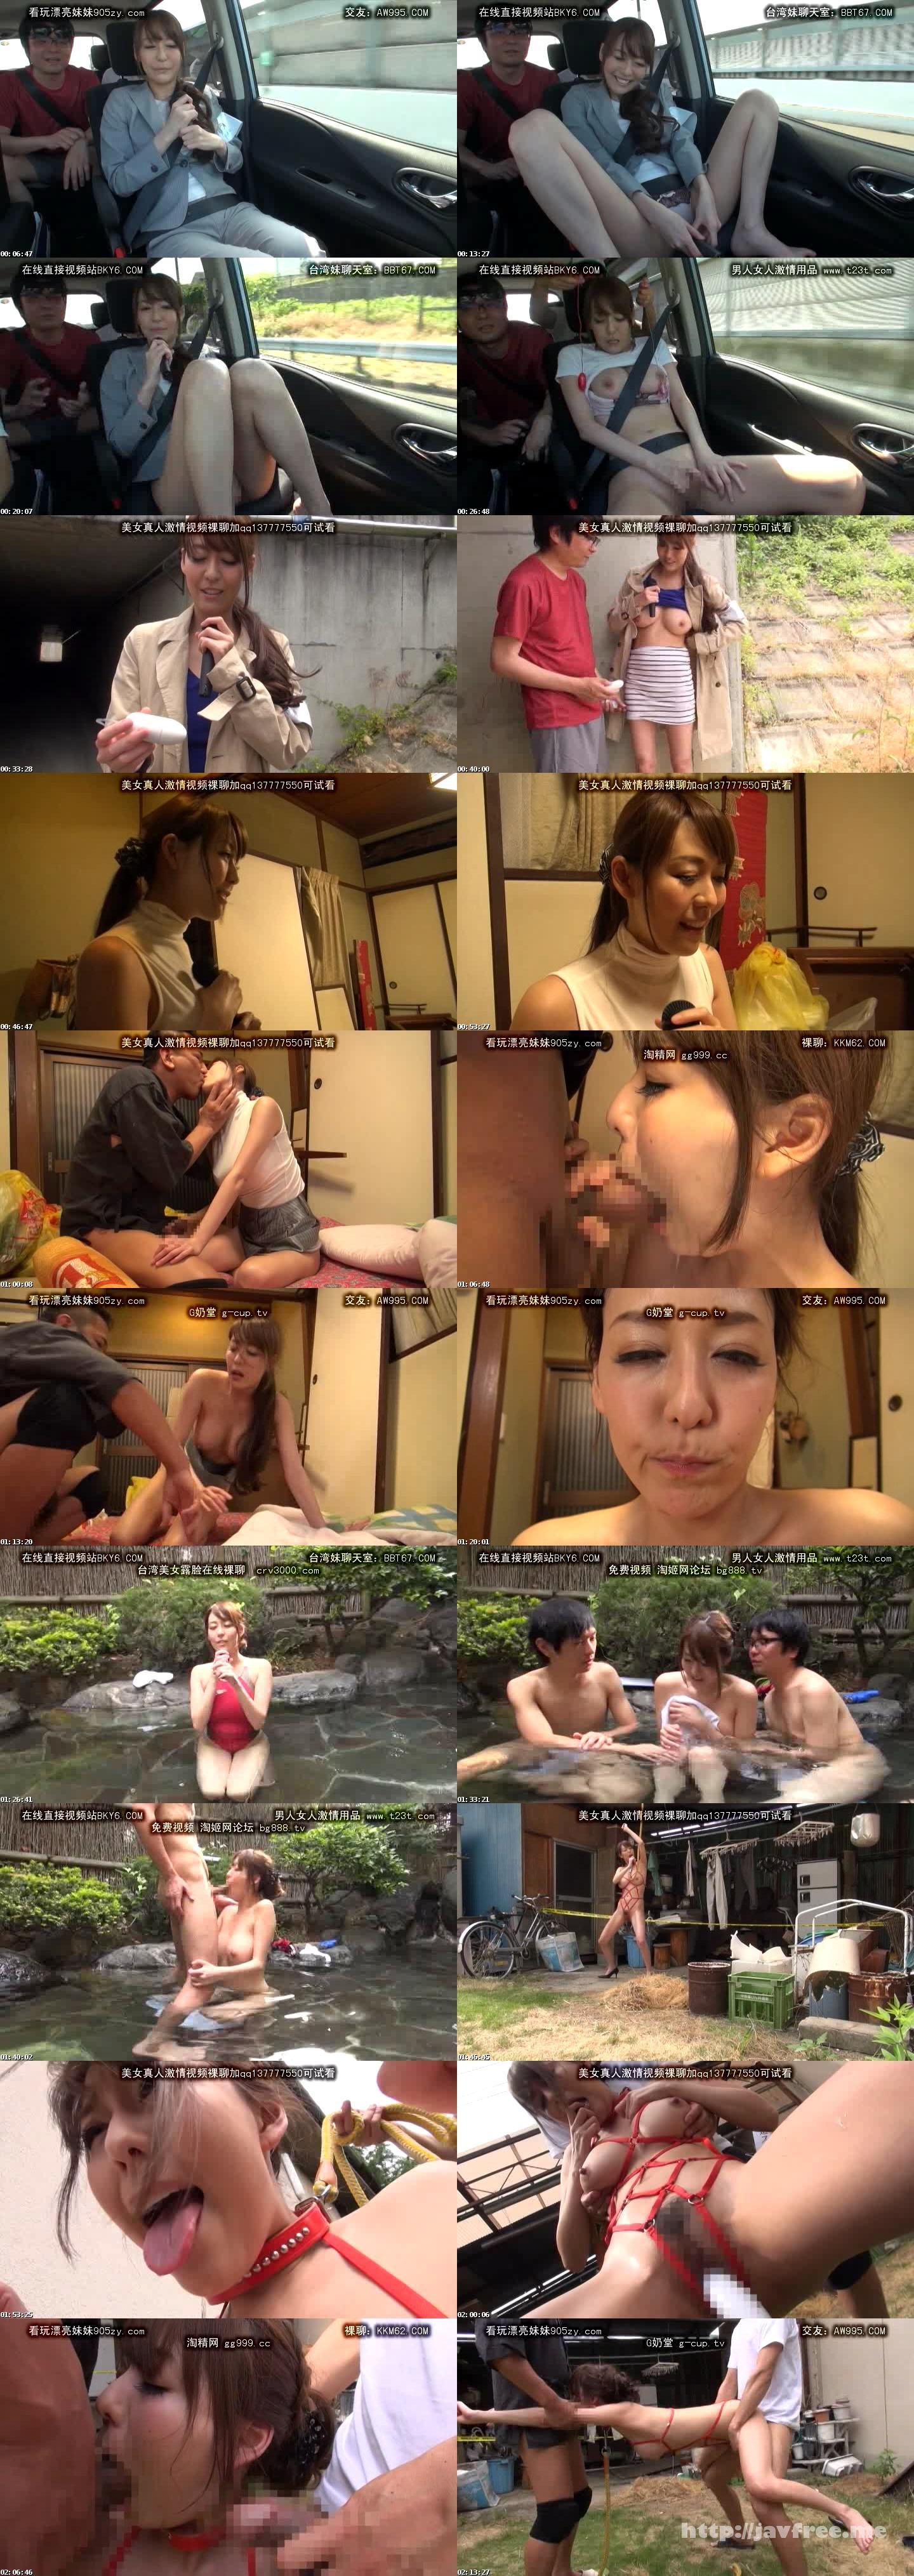 [SORA-081] 新人女子アナ初めての野外ロケ 朝桐光 - image SORA-081 on https://javfree.me